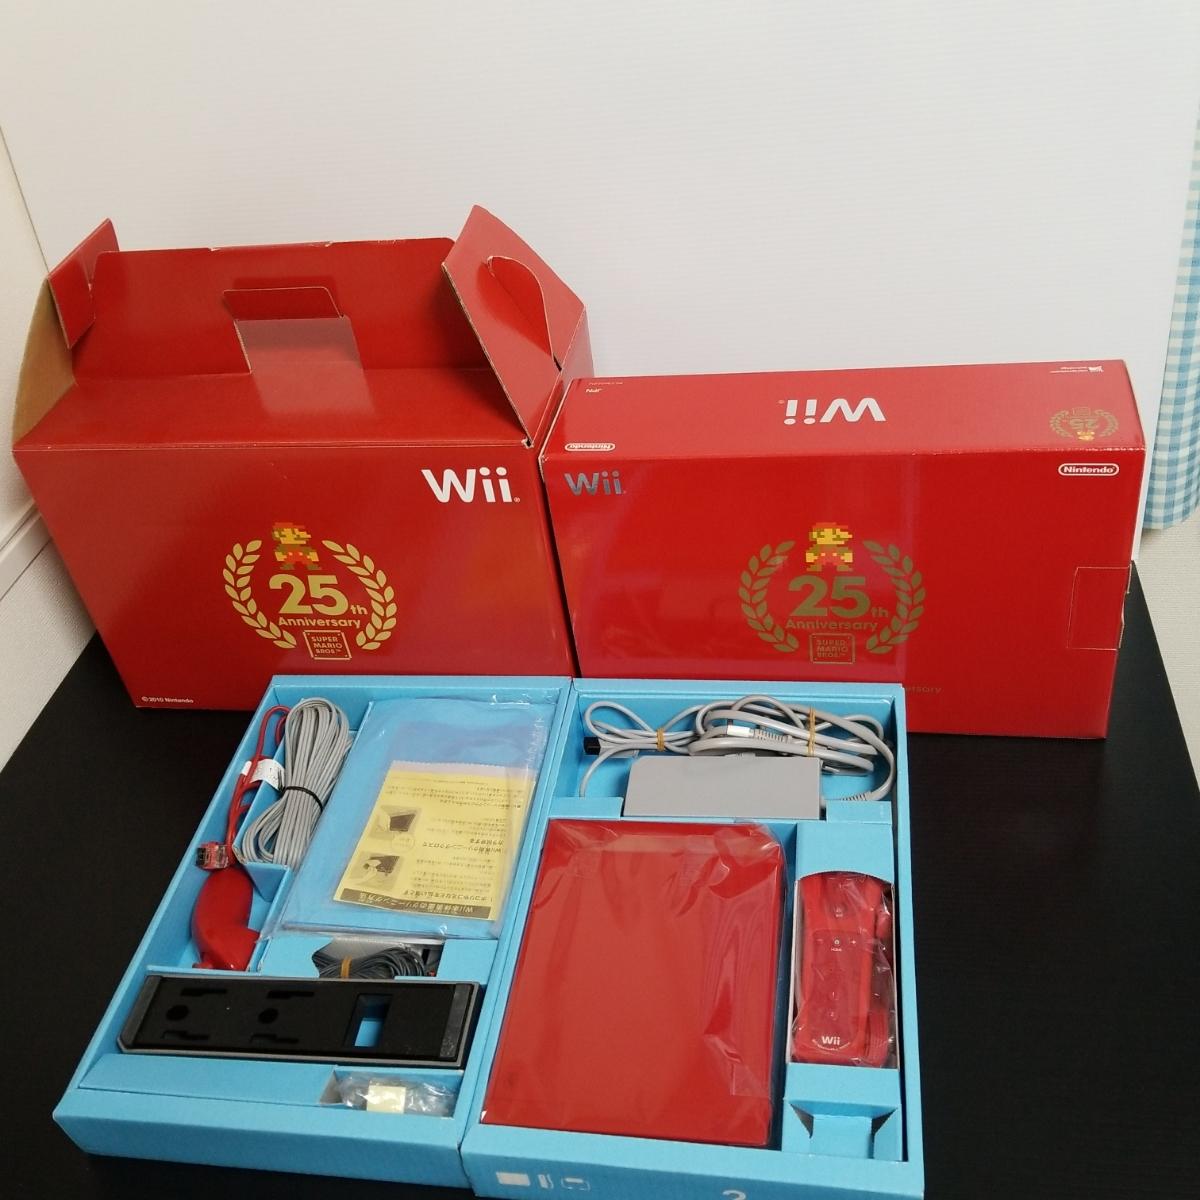 付属品完備 任天堂 Wii本体 スーパーマリオ25周年バージョン 赤 貴重な25周年スーパーマリオあり ヤマダ電機予約特典大型ボックス付き